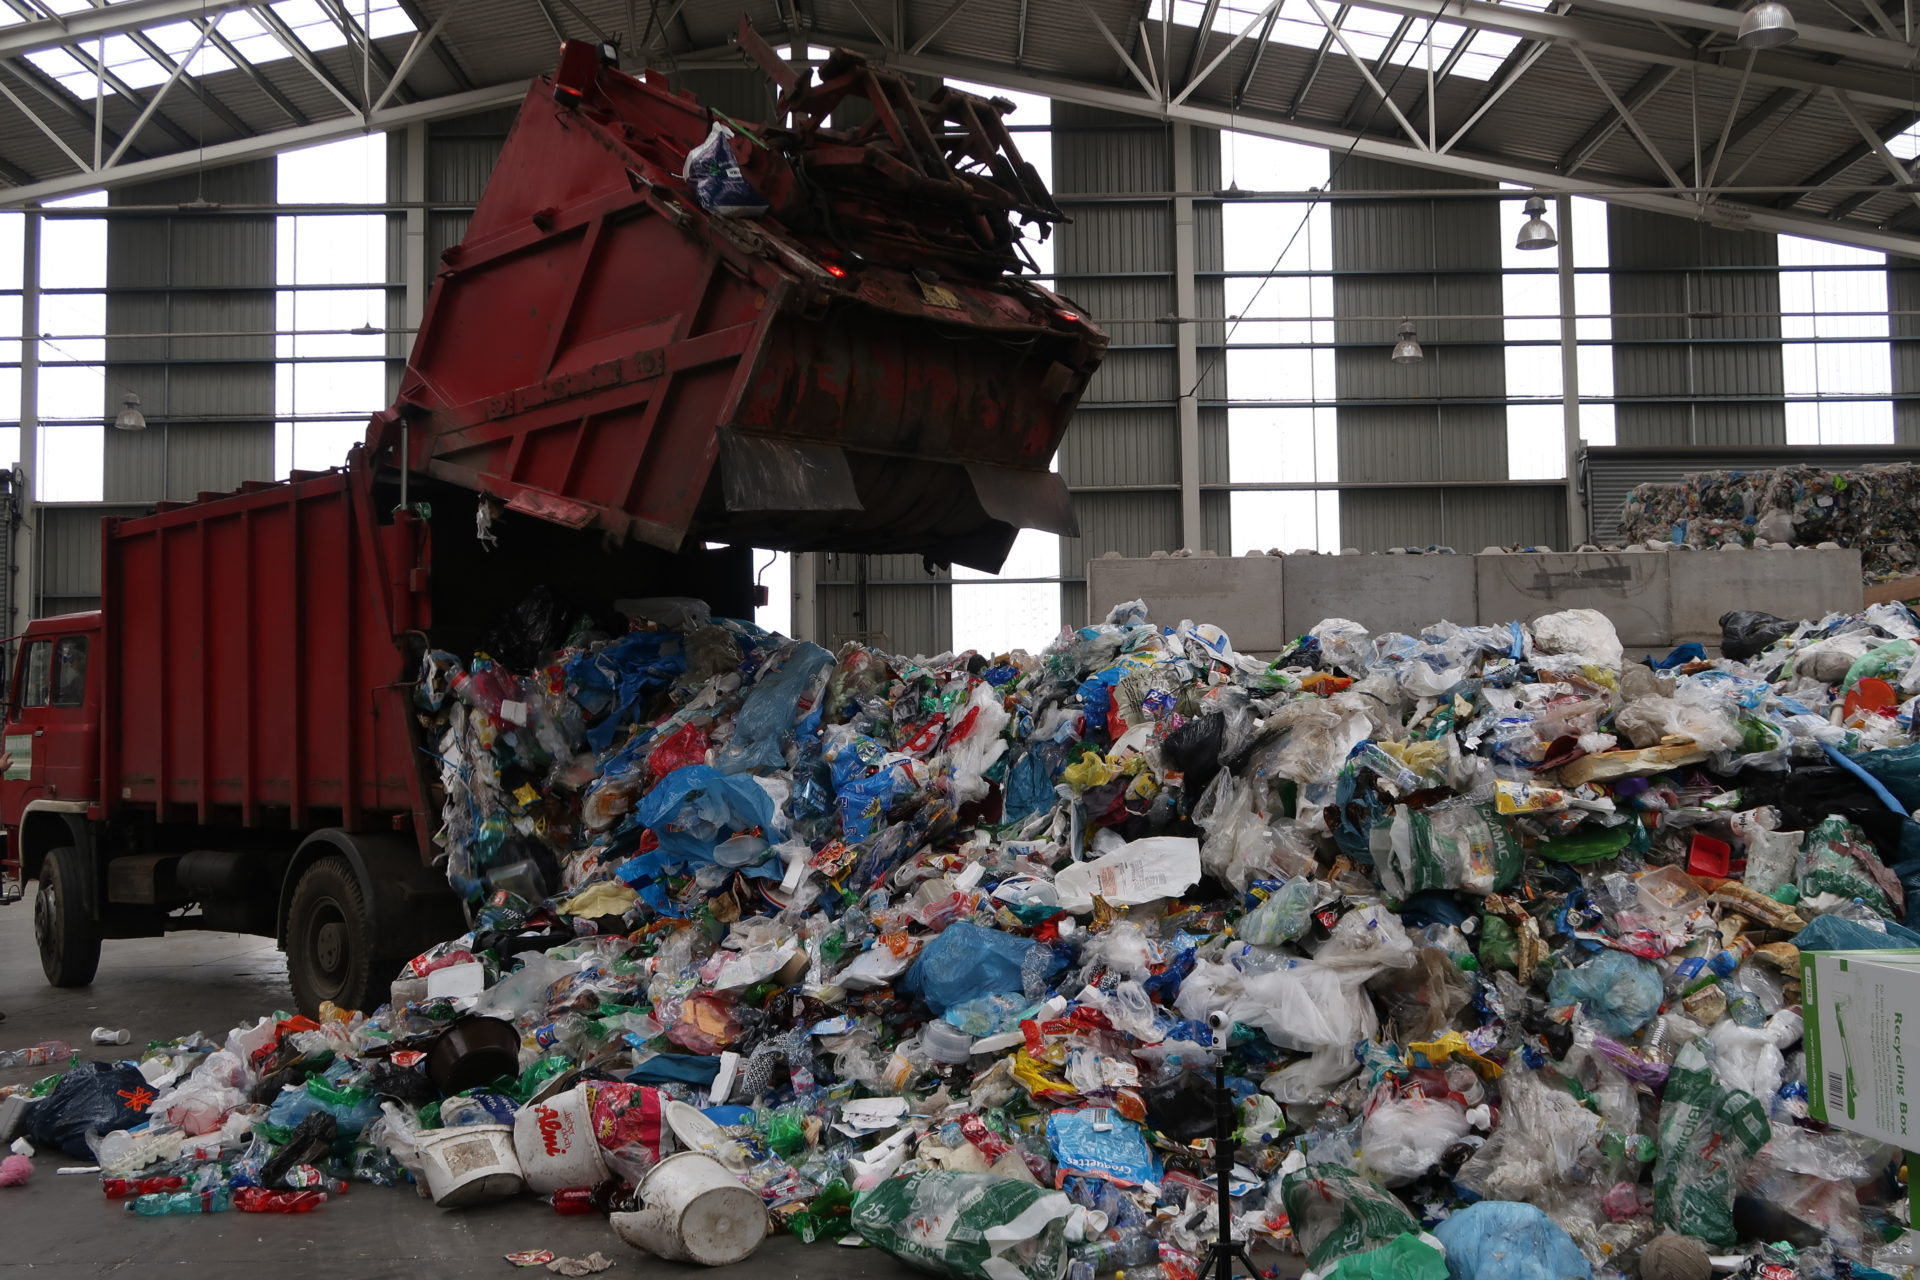 Svozové automobily jsou speciálně upraveny tak, abymohly svážet různé druhy odpadu. Vtomto případě šlo osměsici vytříděného plastového odpadu zkontejnerů, abymohl být dále zpracován.